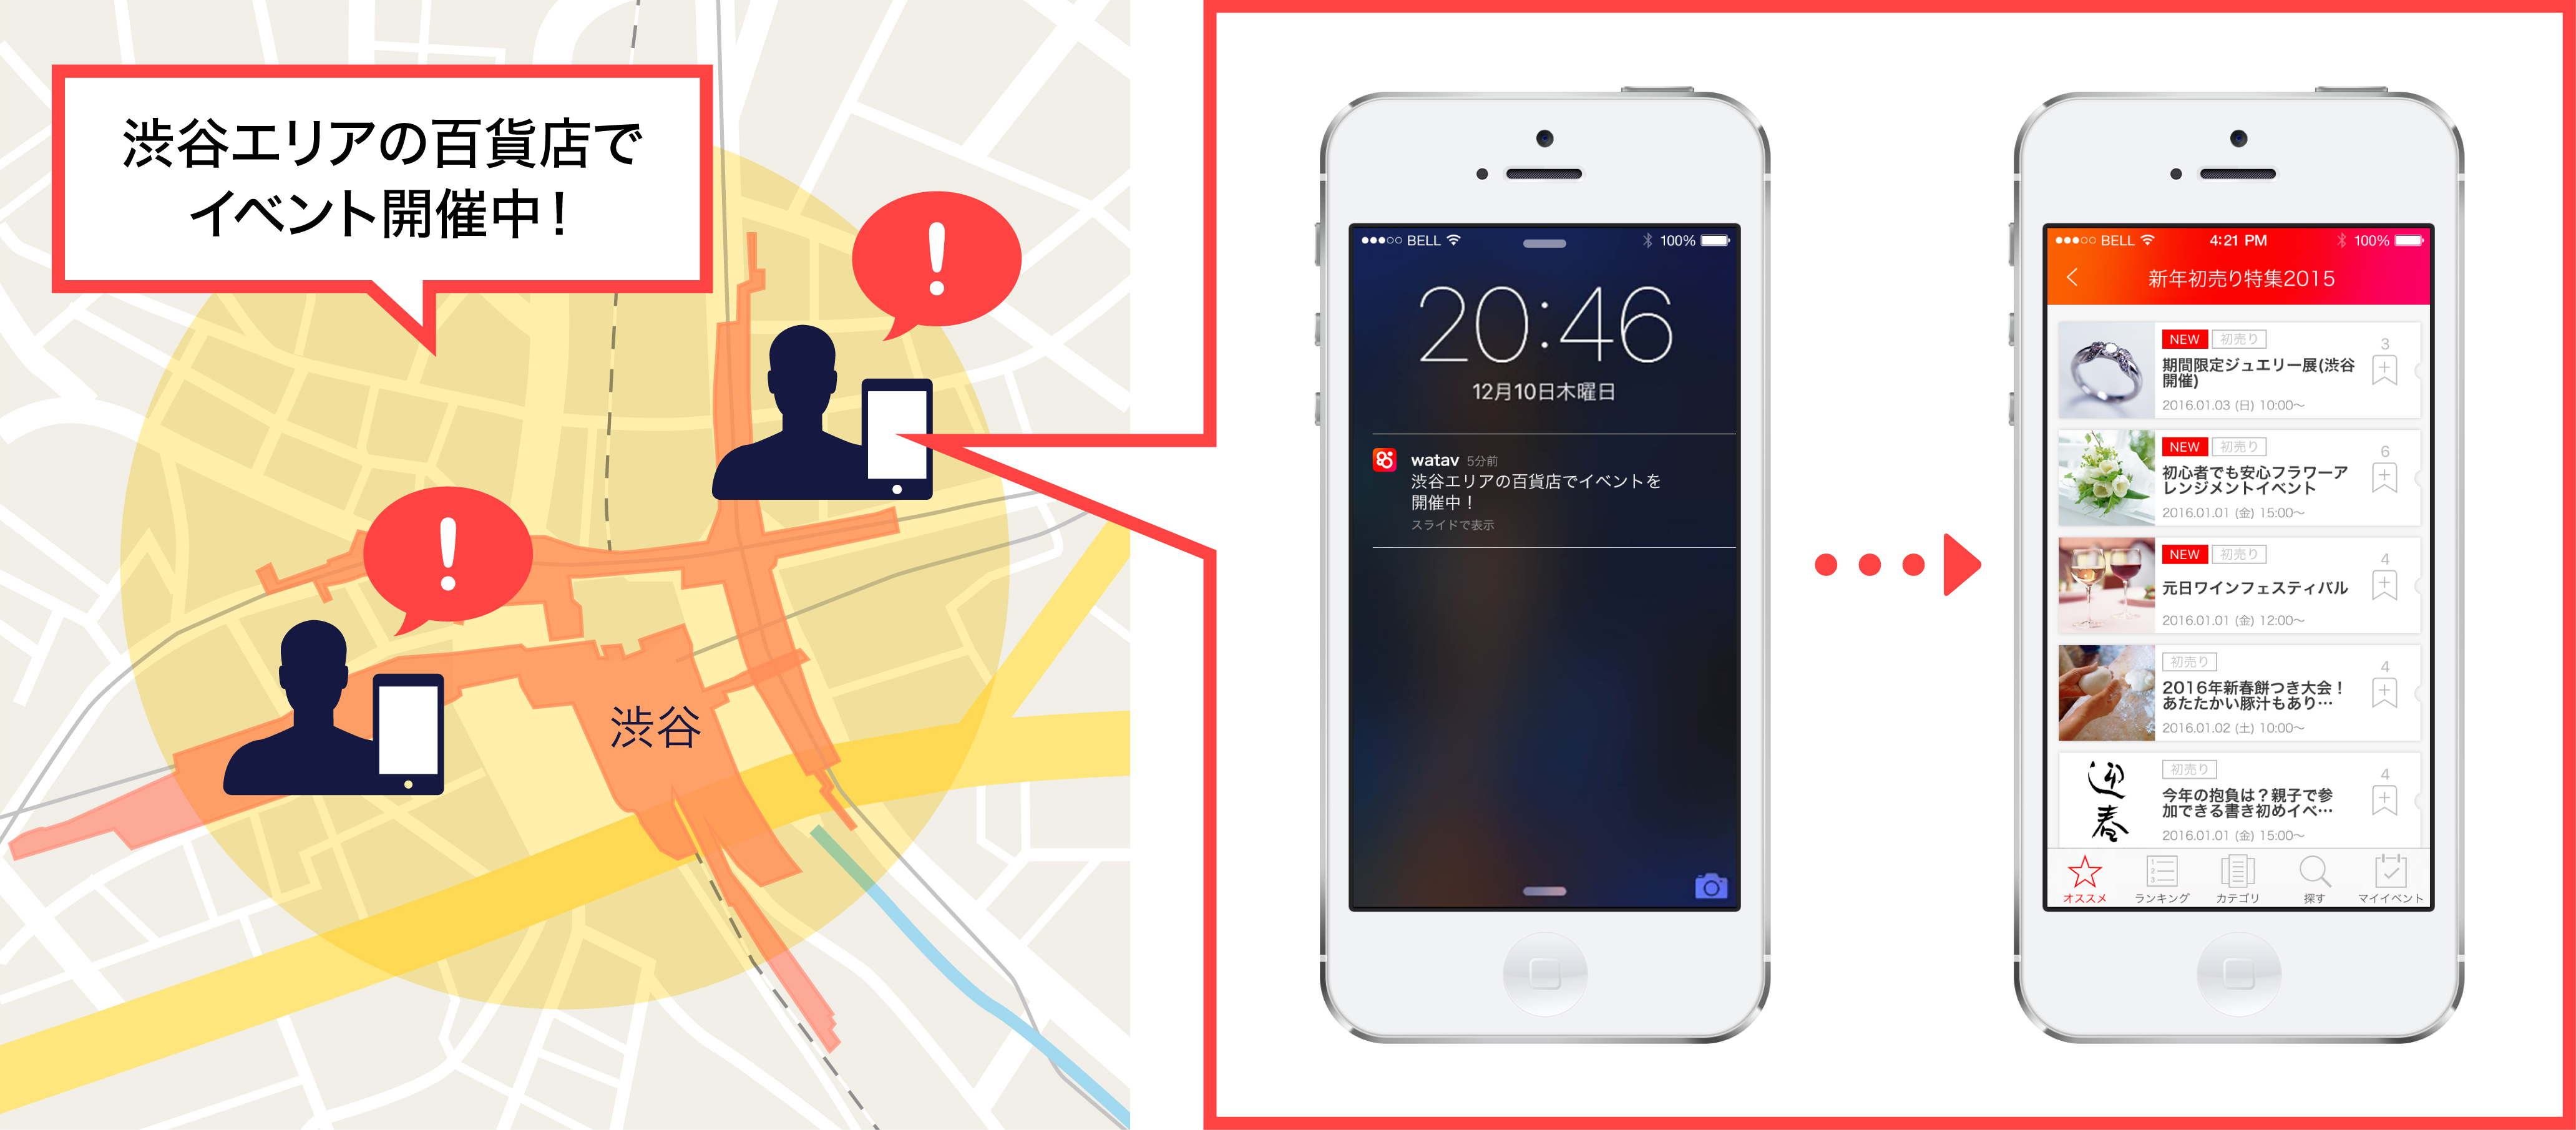 イベント情報のプッシュ通知からアプリ内ページへの遷移イメージ